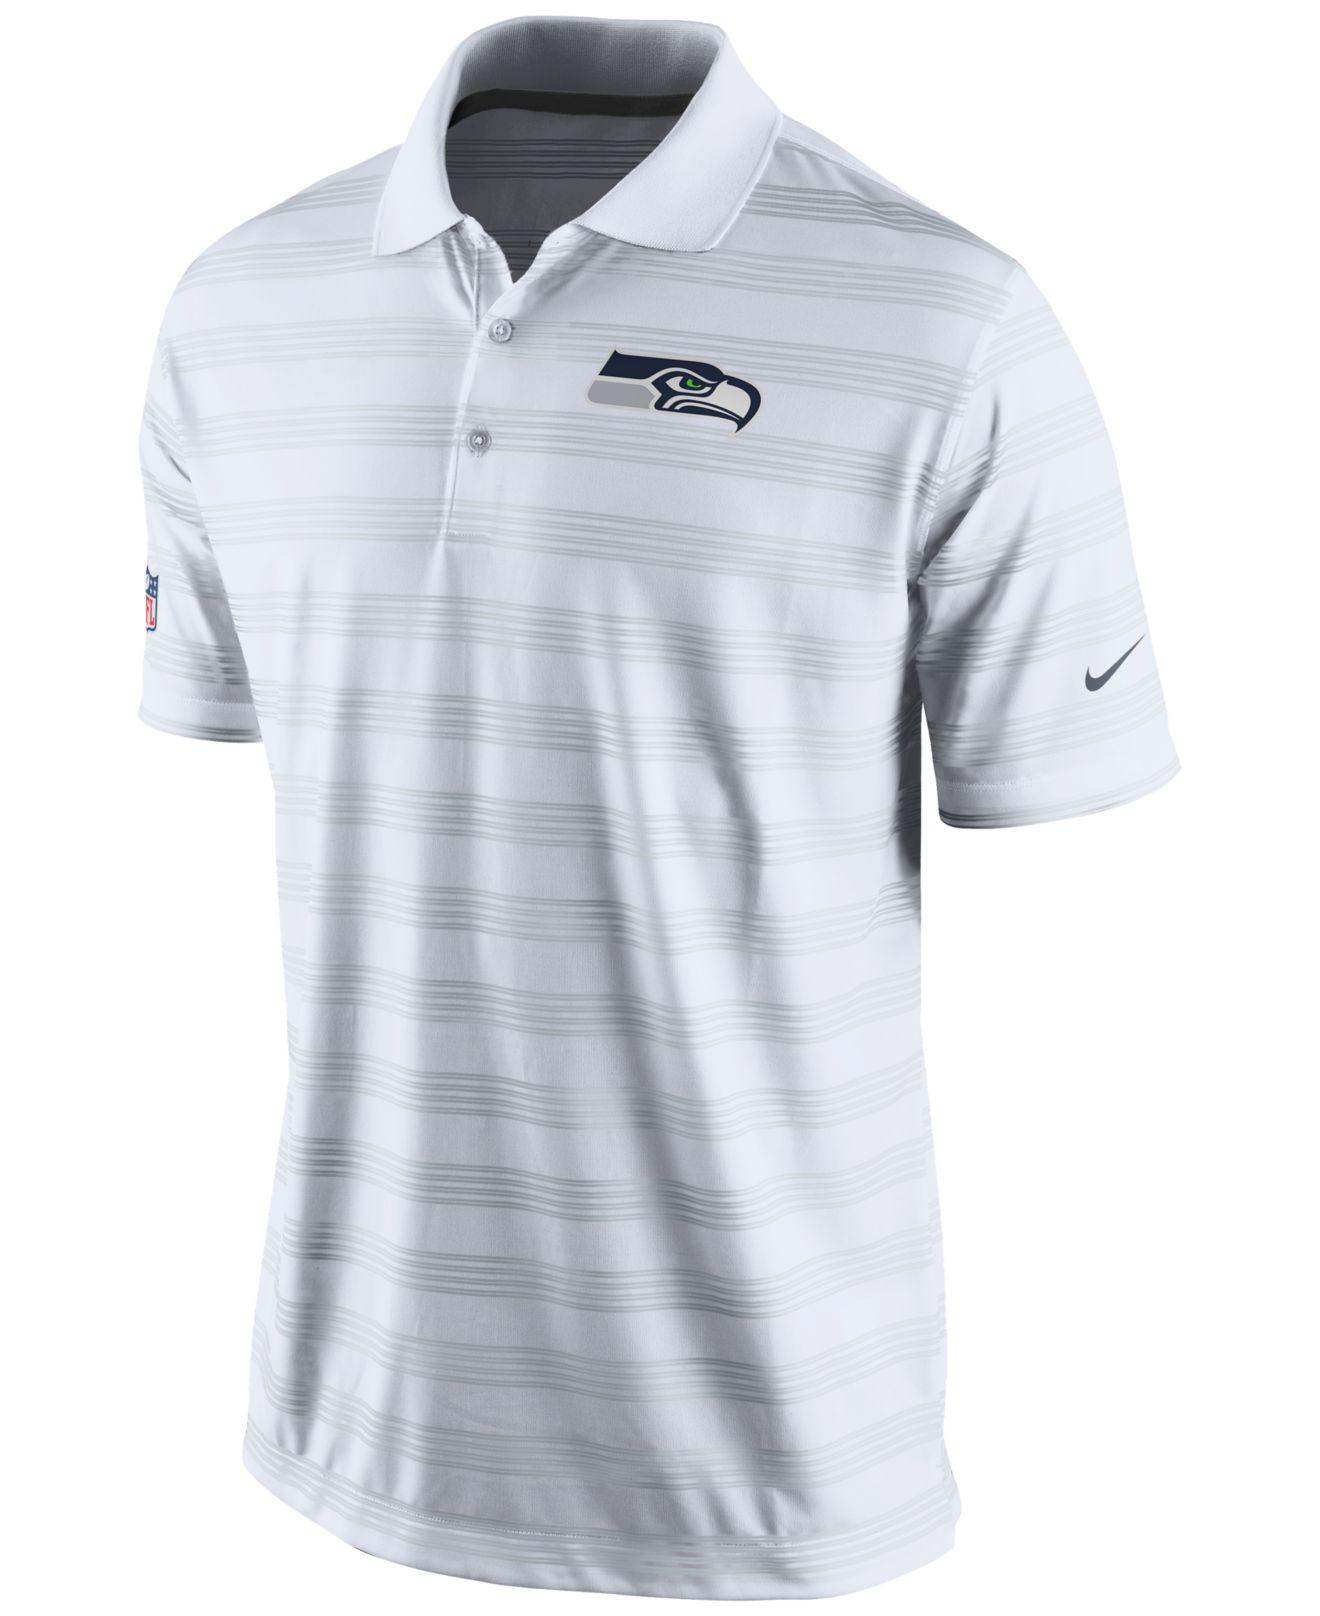 Seahawks Womens Shirts - BCD Tofu House 41075a6e0